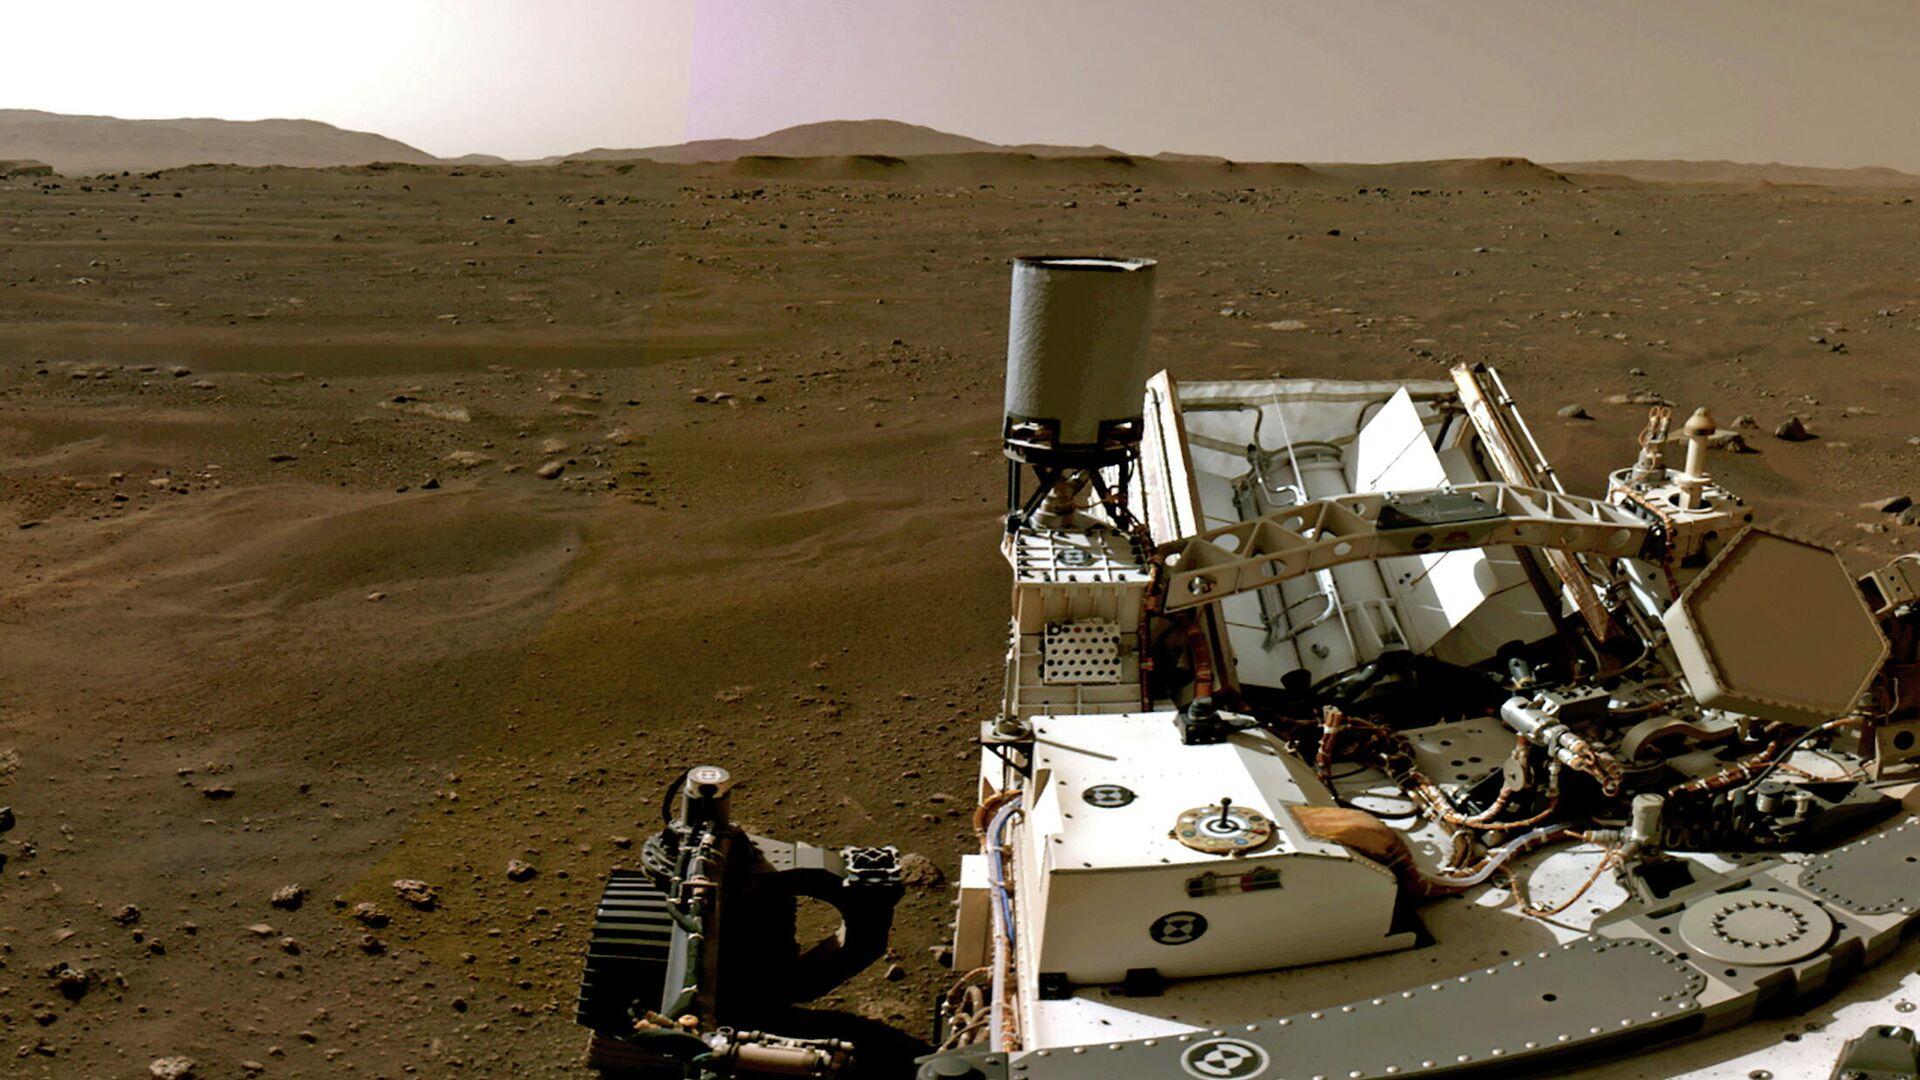 El paisaje marciano visto desde el rover Perseverance - Sputnik Mundo, 1920, 24.02.2021